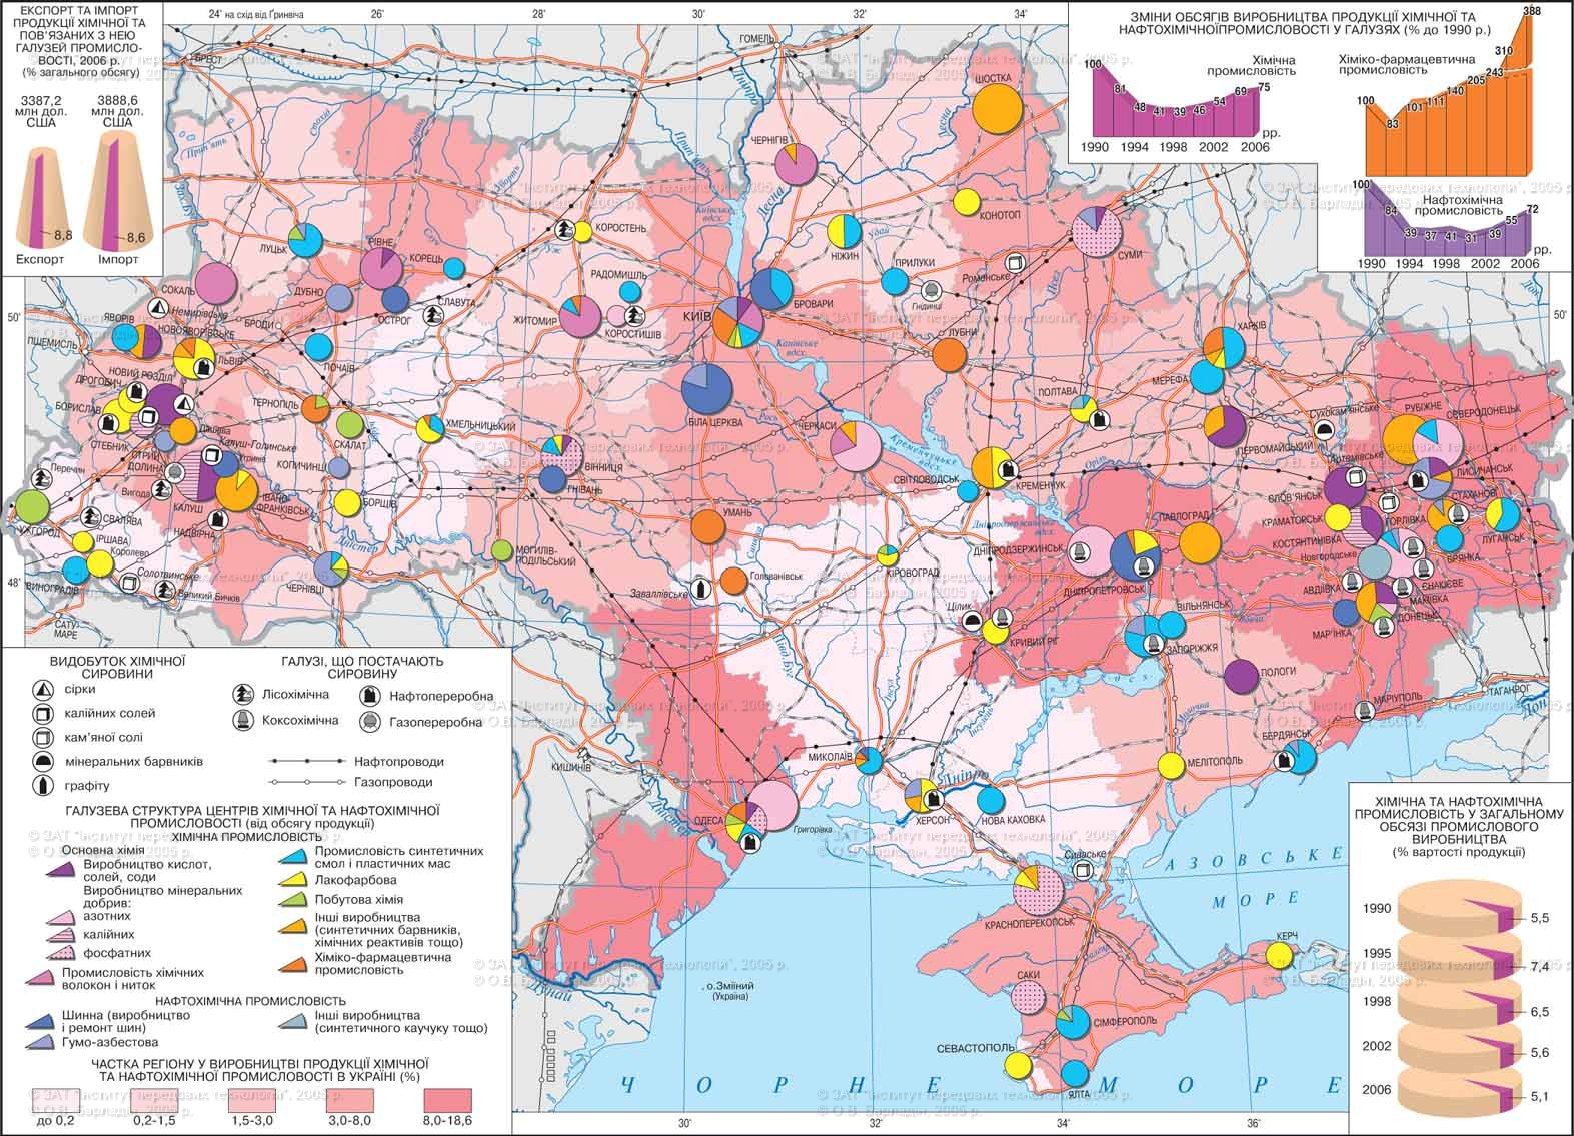 Химическая промышленность Украины